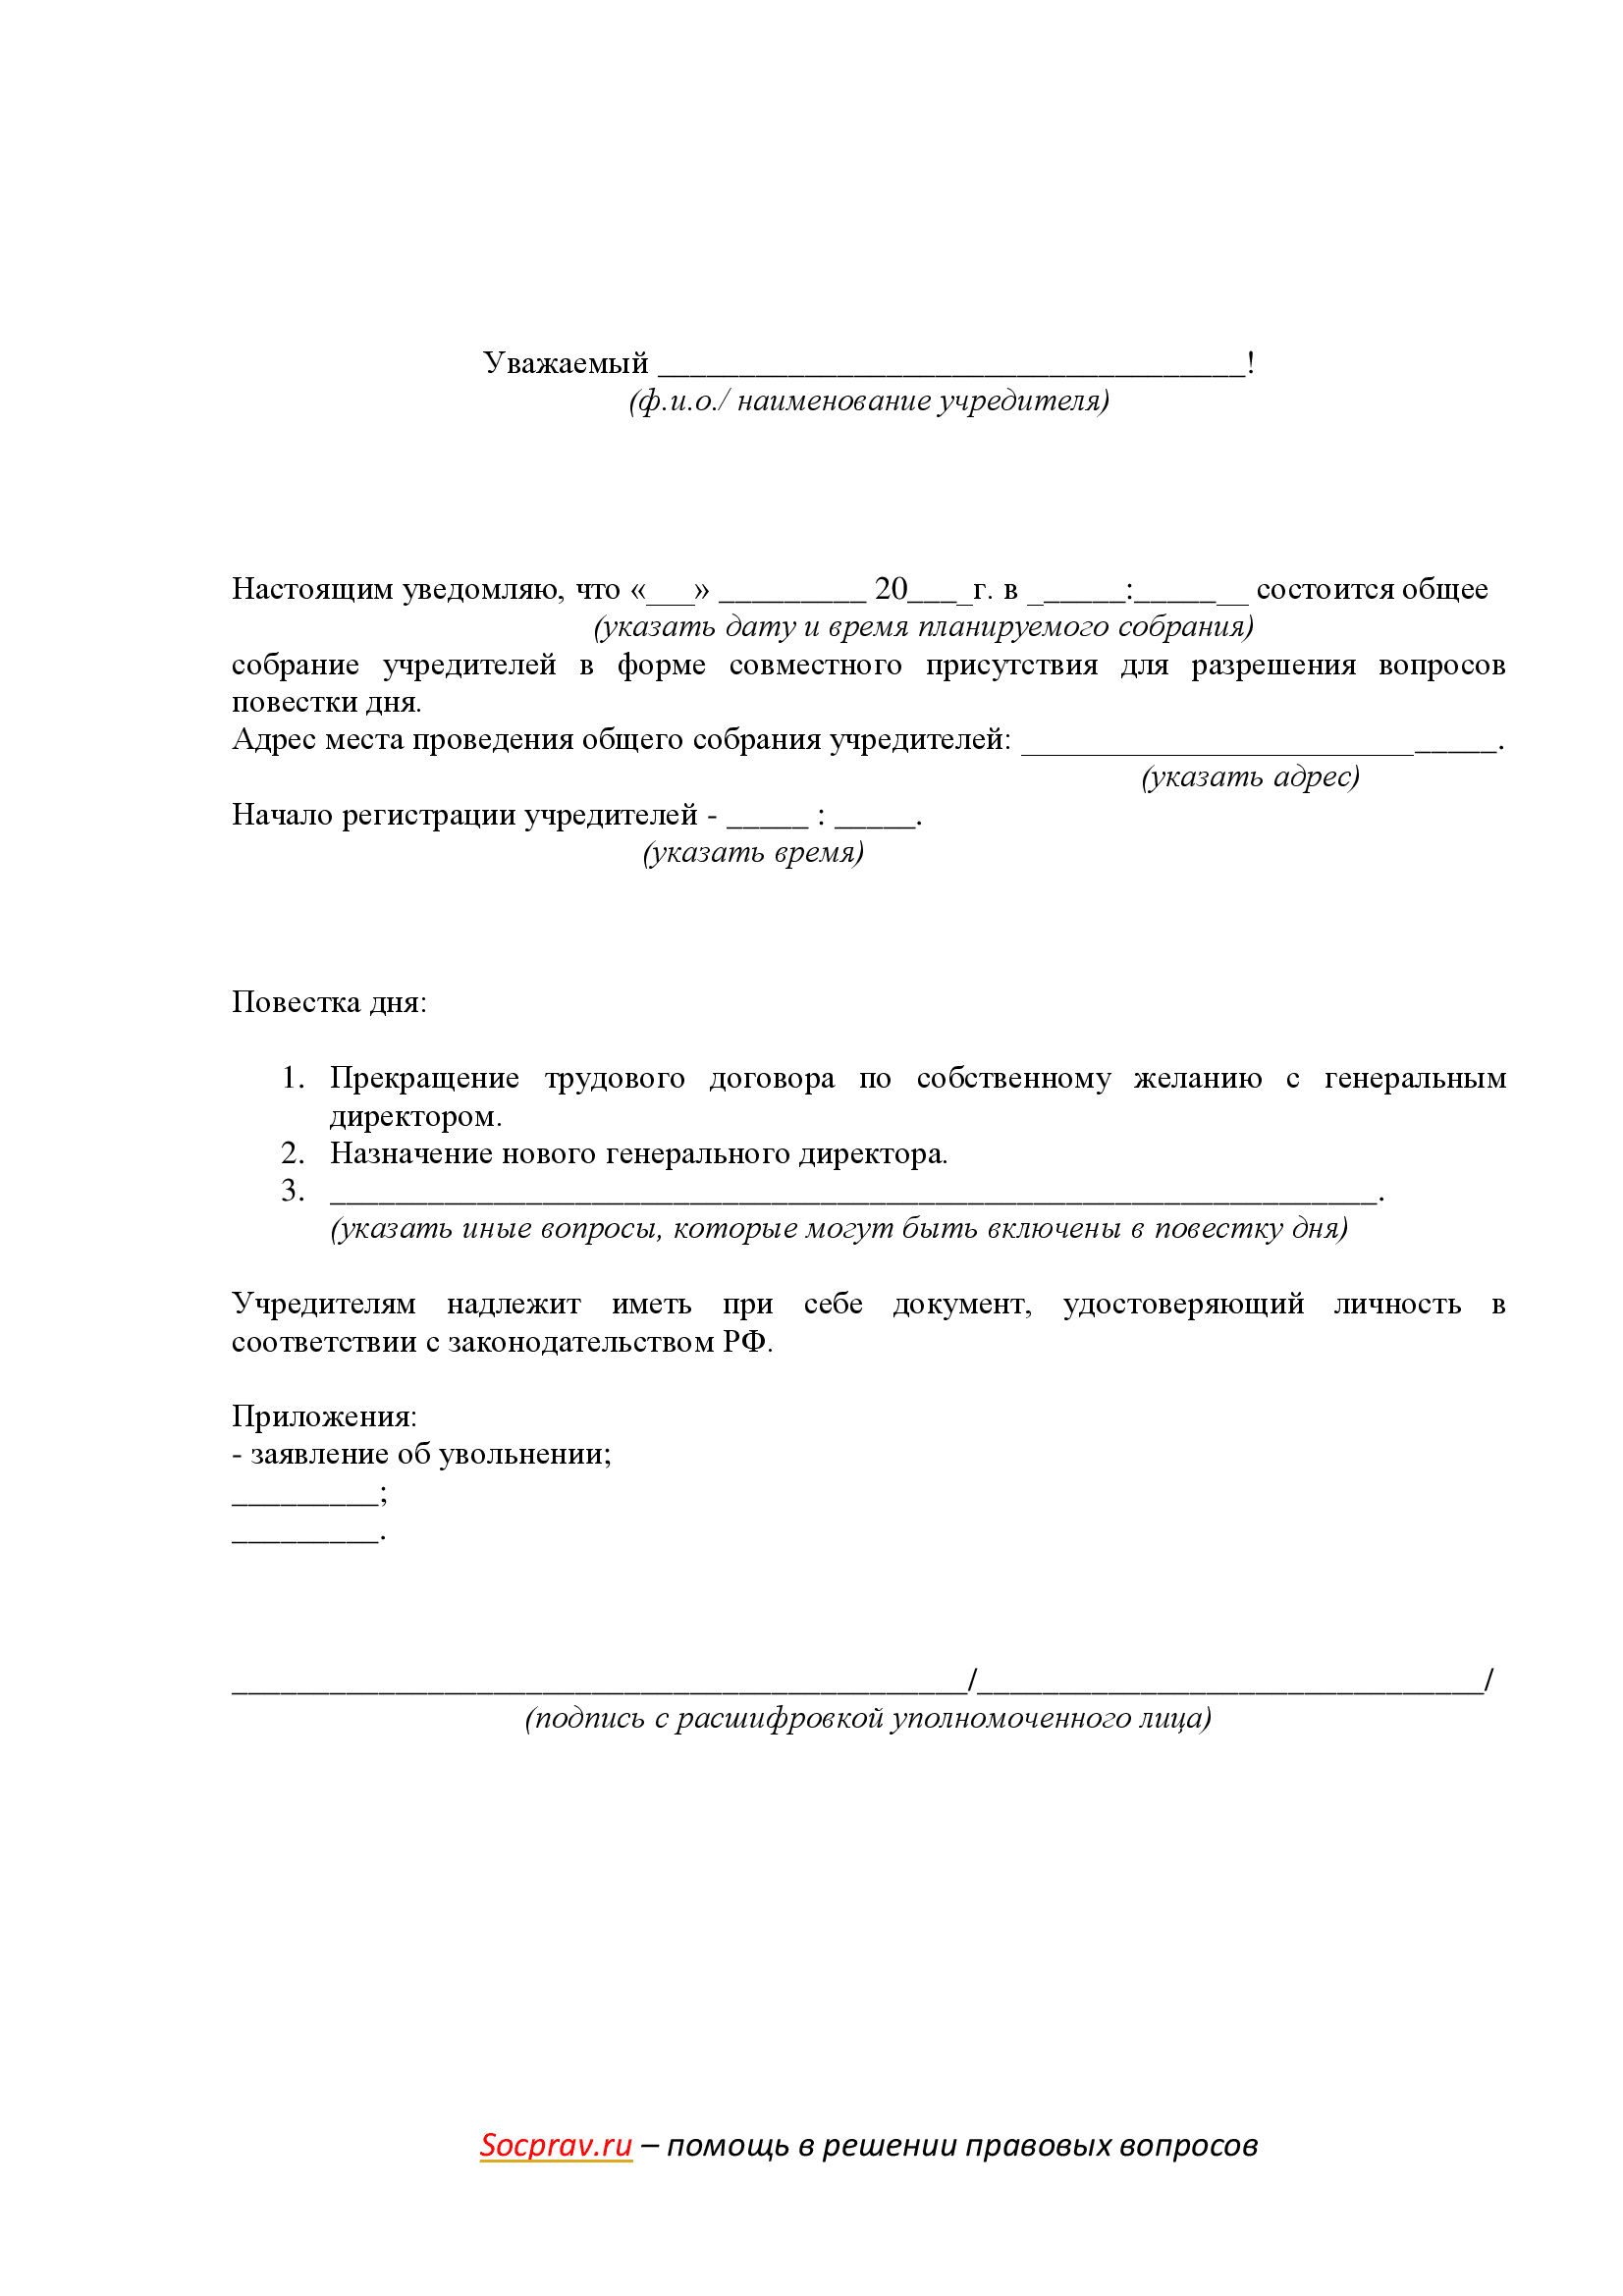 Уведомление о проведении внеорчеденого собрания